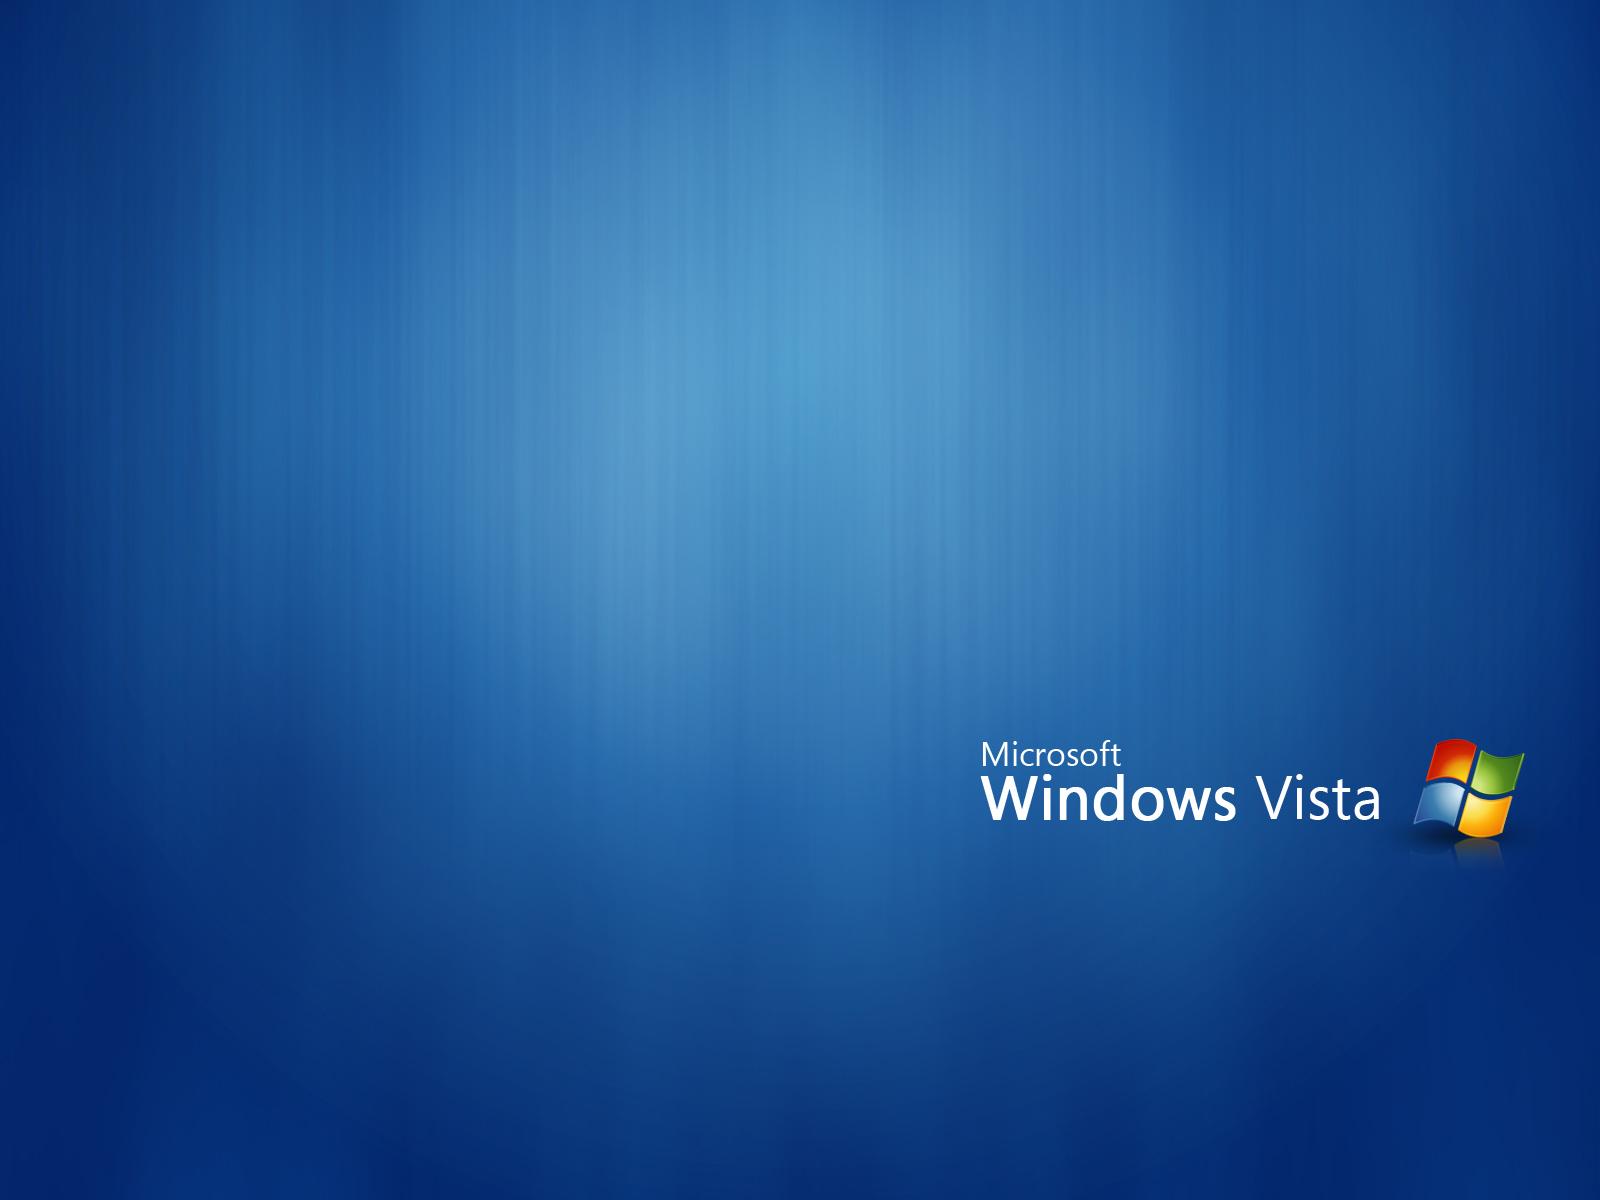 Windows ve Ubuntu Hd resimleri   Blue Windows and Ubuntu HD Wallpapers 1600x1200